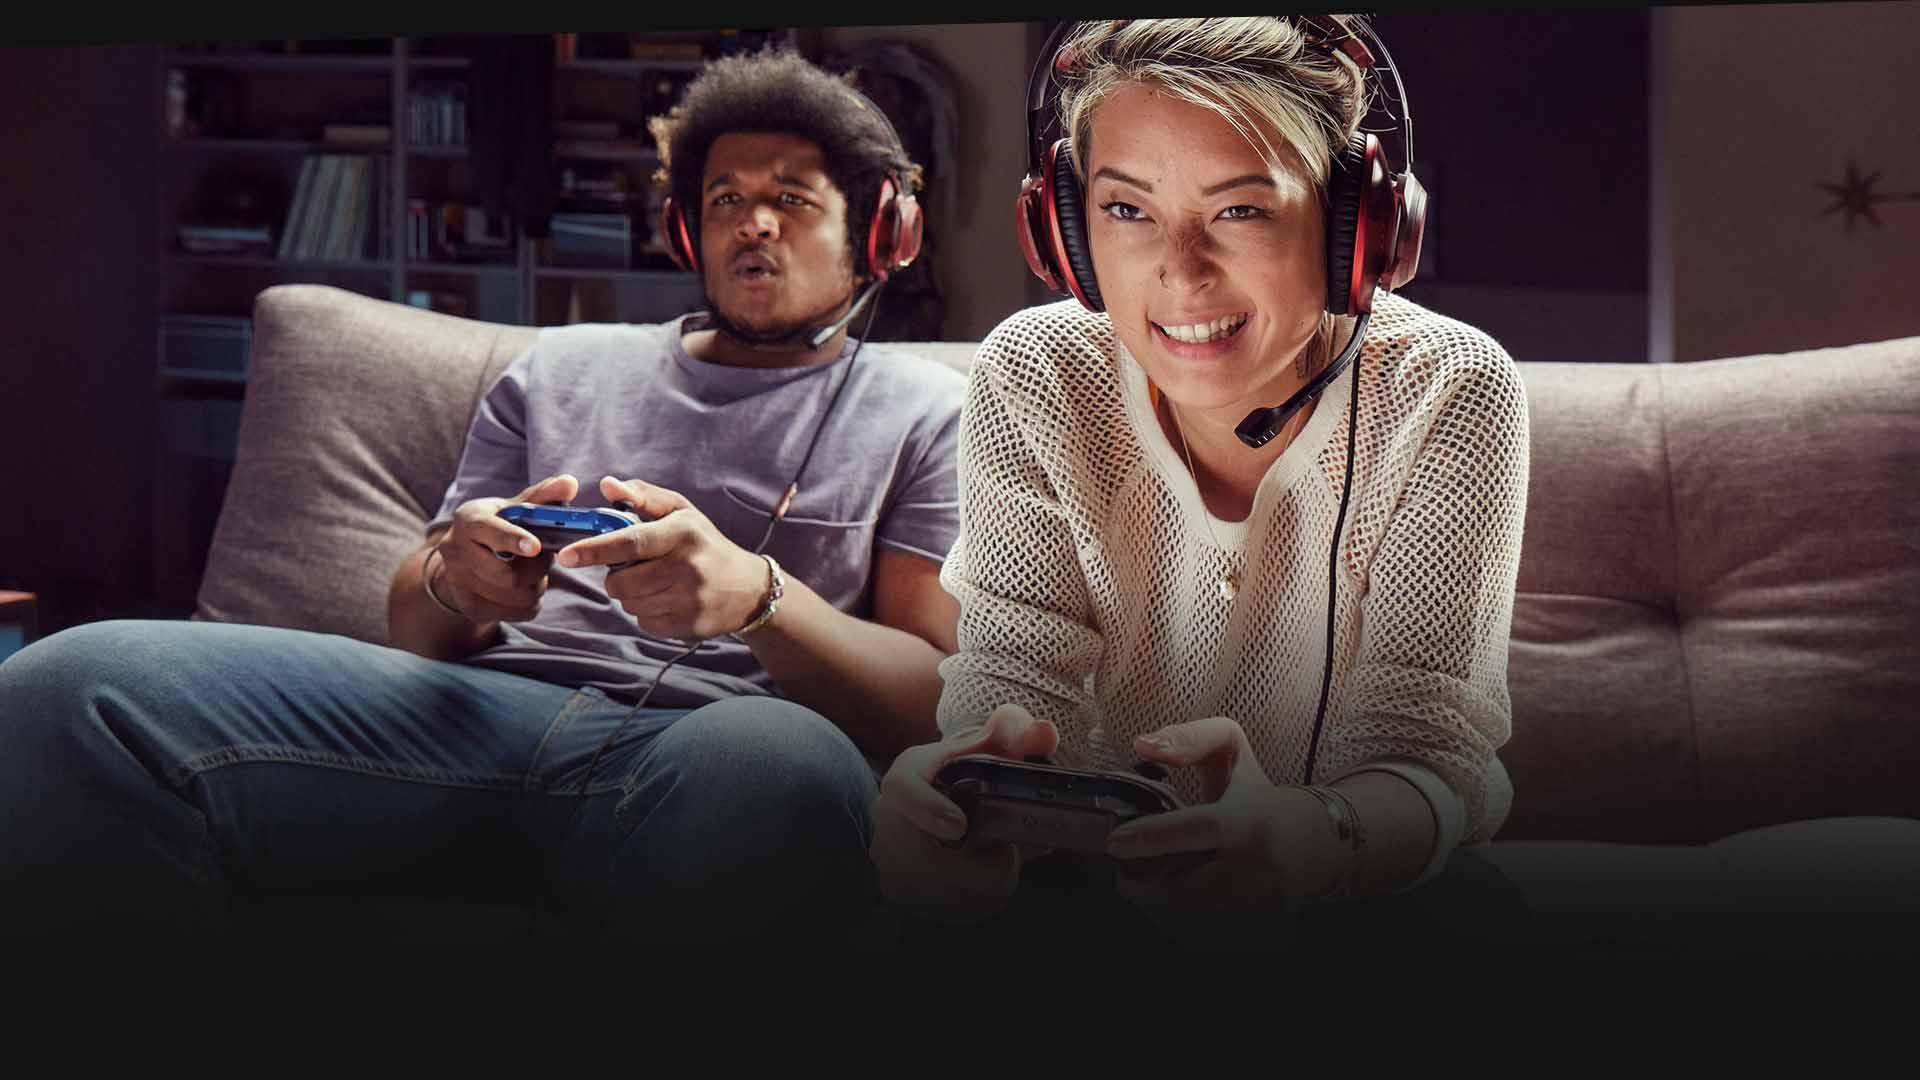 Cómo jugar juegos de Xbox sin conexión cuando Xbox Live no funciona 3